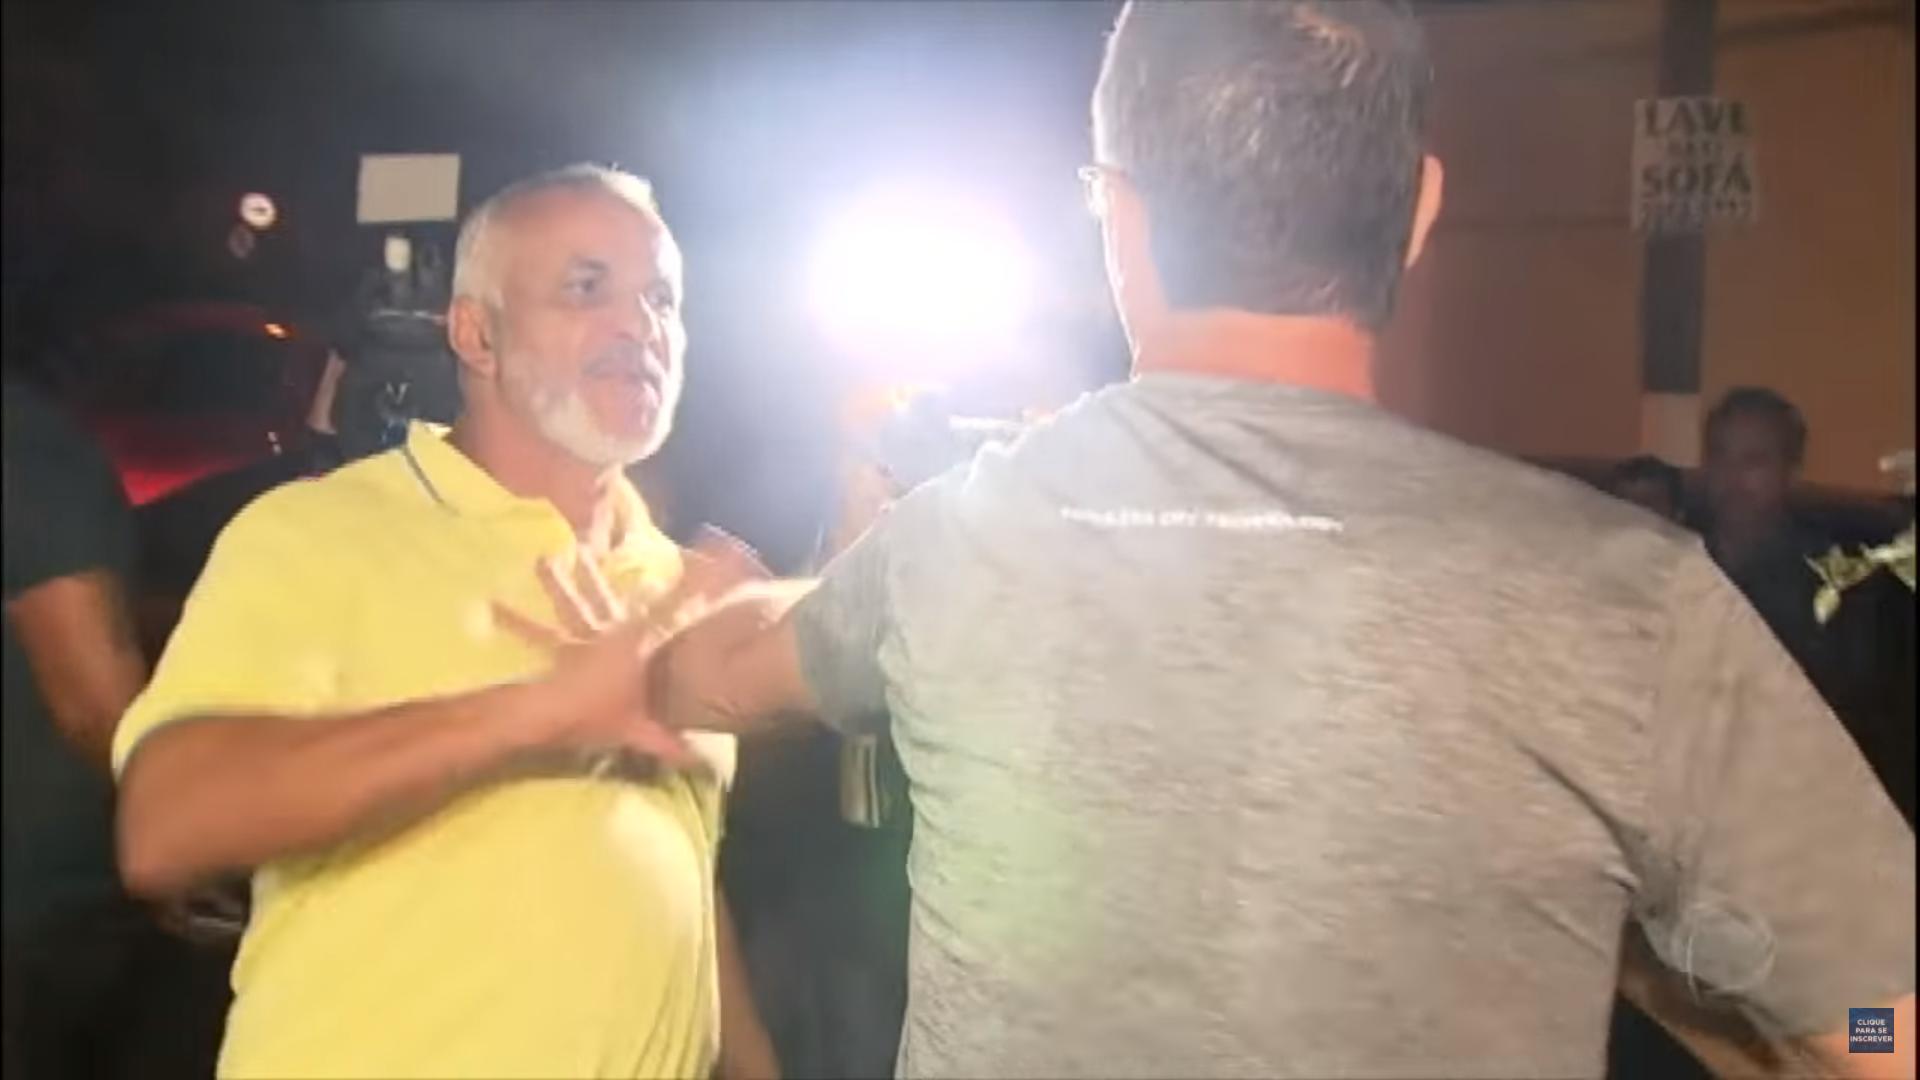 IMAGEM: Réu por tentativa de homicídio em frente ao Instituto Lula ganha cargo em prefeitura do PT